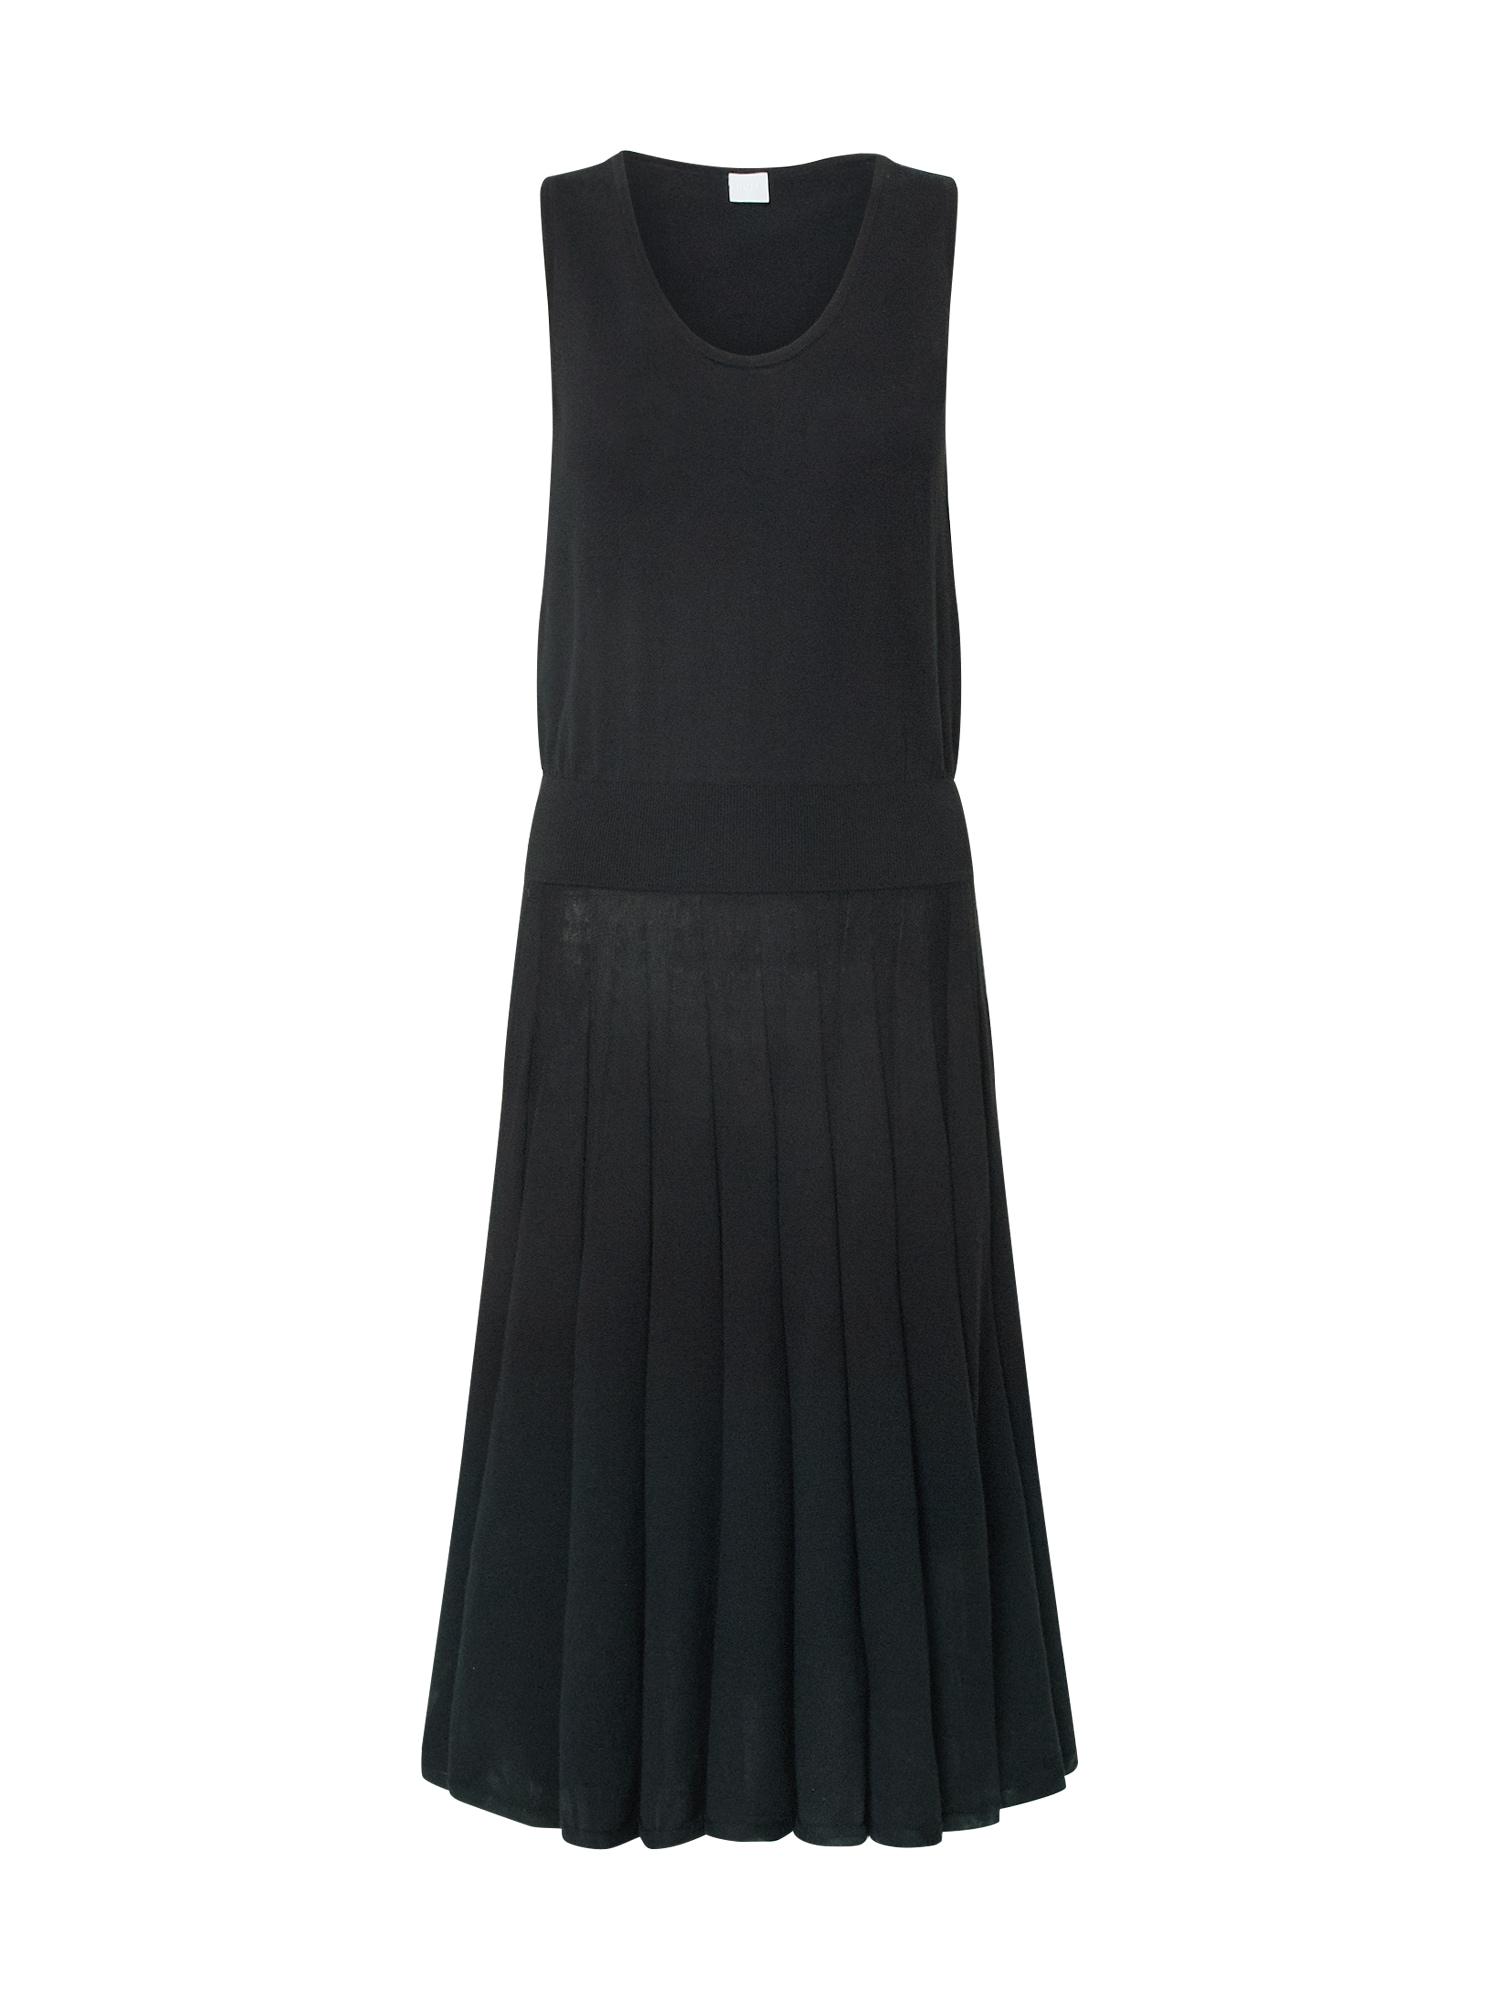 BOSS Suknelė 'Inimay' juoda